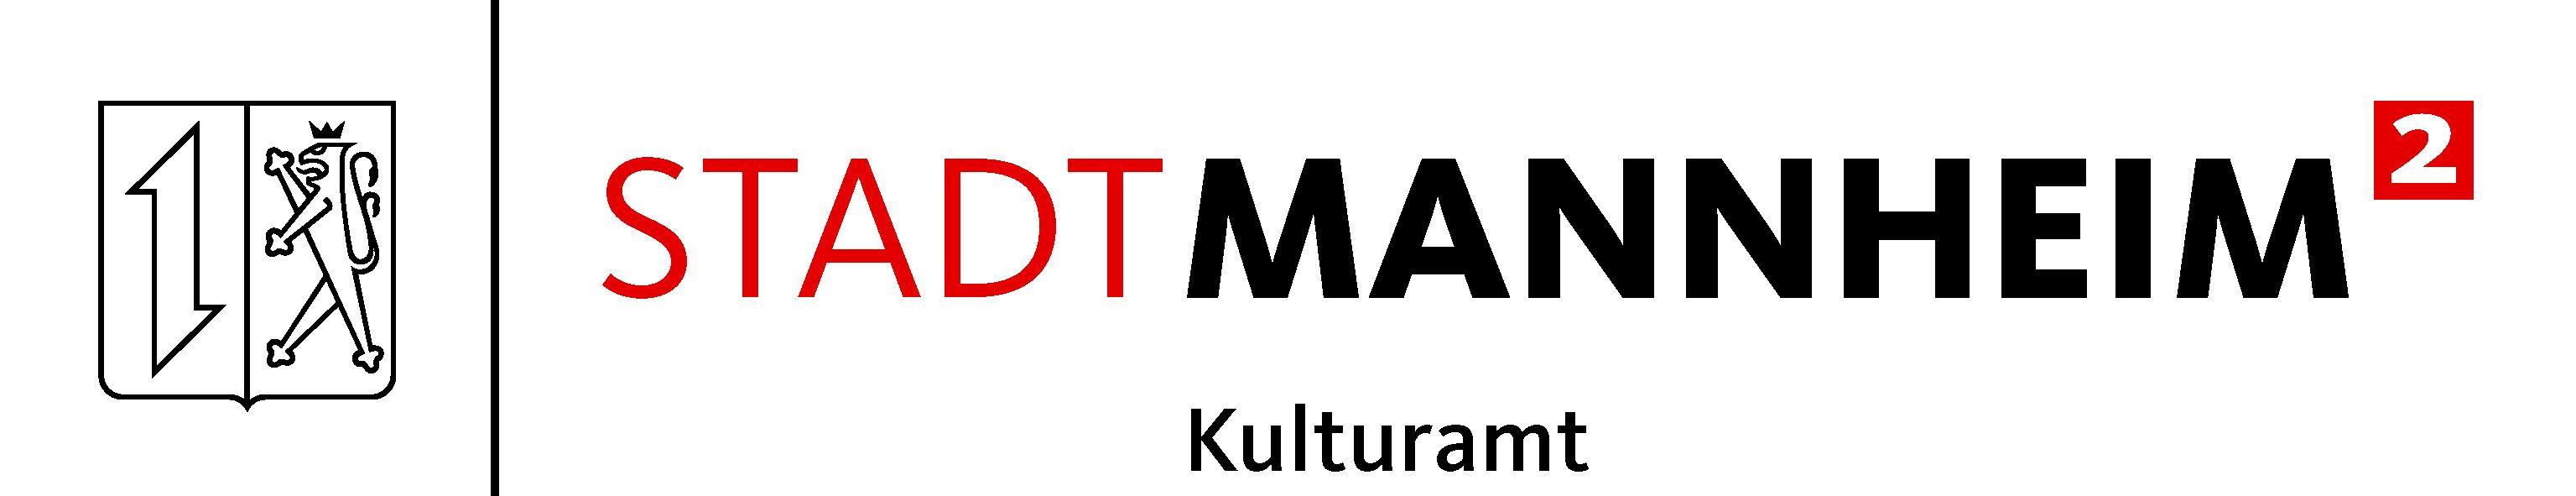 Kulturamt_logo